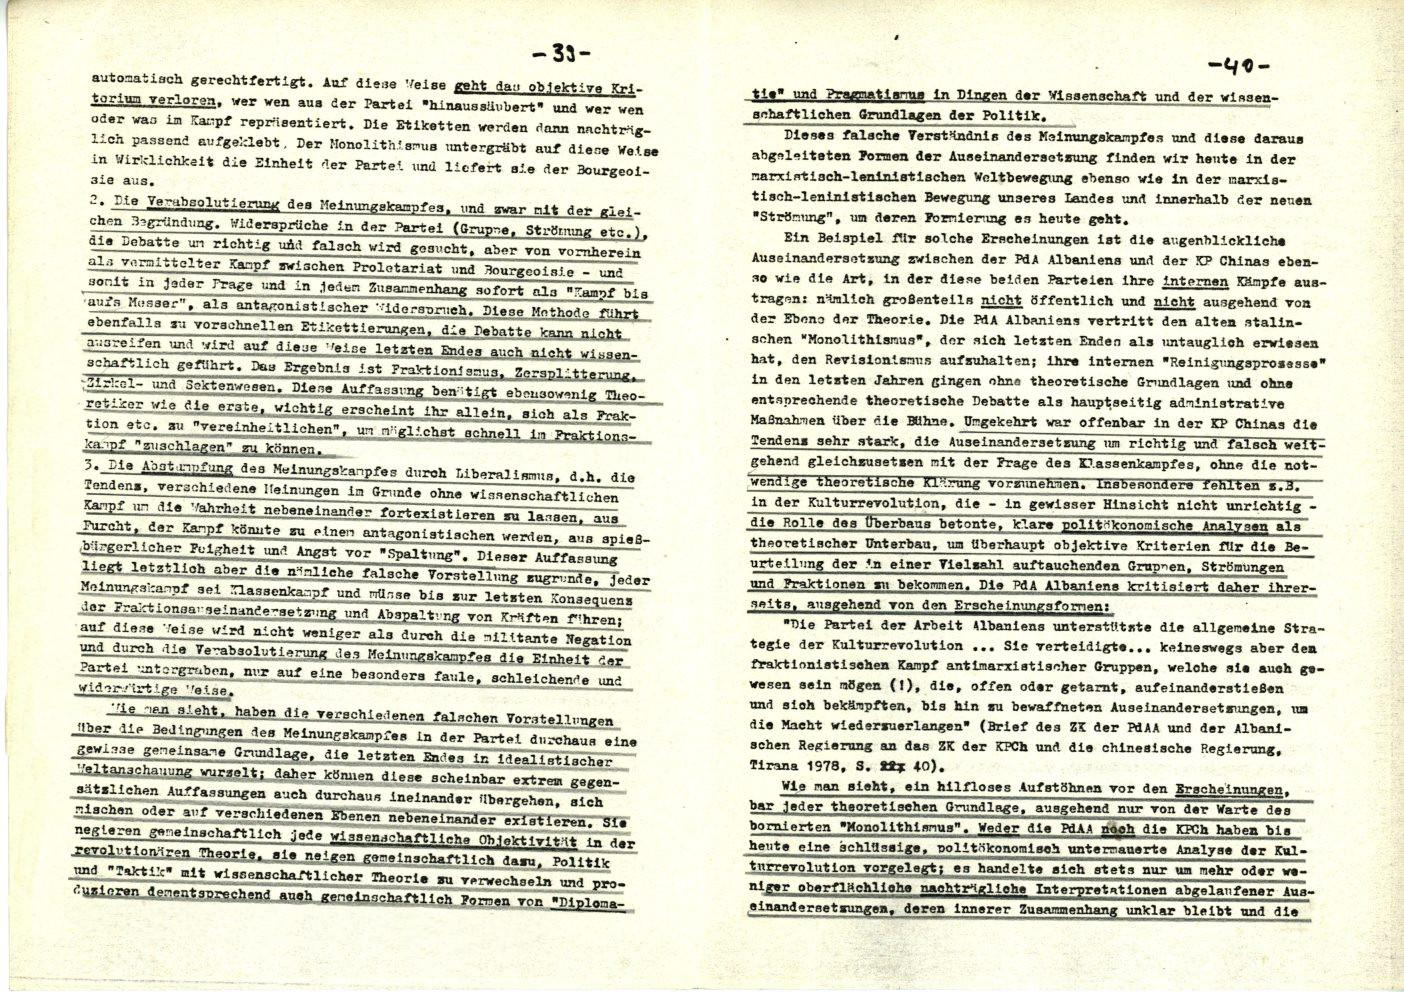 Nuernberg_Fuerth_Erlangen_ML_Diskussionsbeitraege_1978_01_21